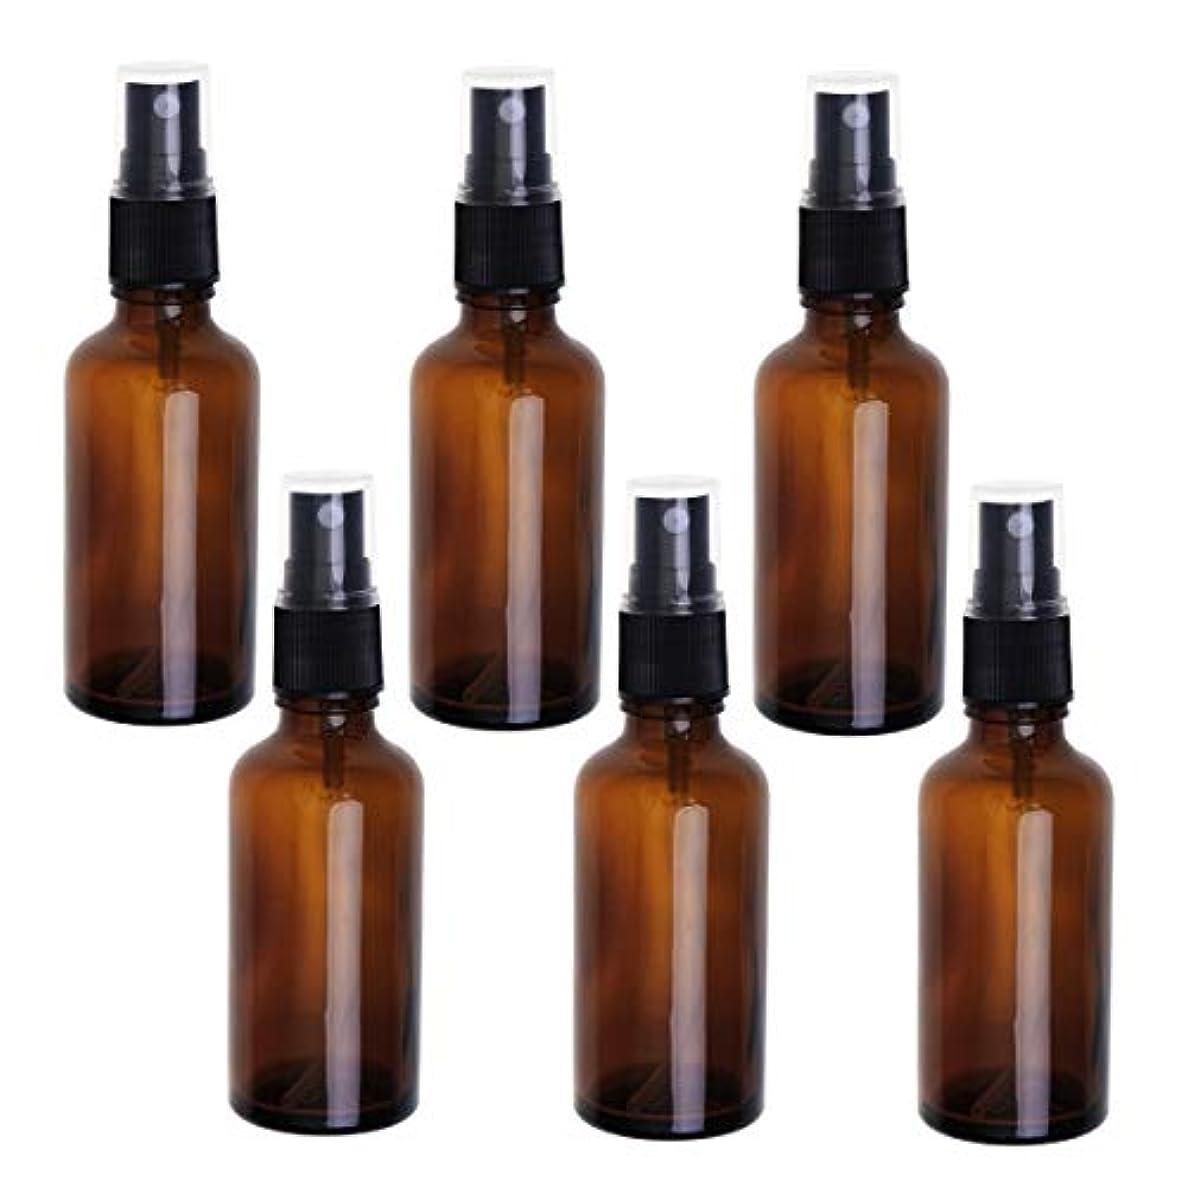 ふけるノイズホールドオールFrcolor スプレーボトル 遮光瓶 霧吹き 遮光スプレー 詰替ボトル アロマスプレー 容器 ガラス 50ml 茶色 6本セット